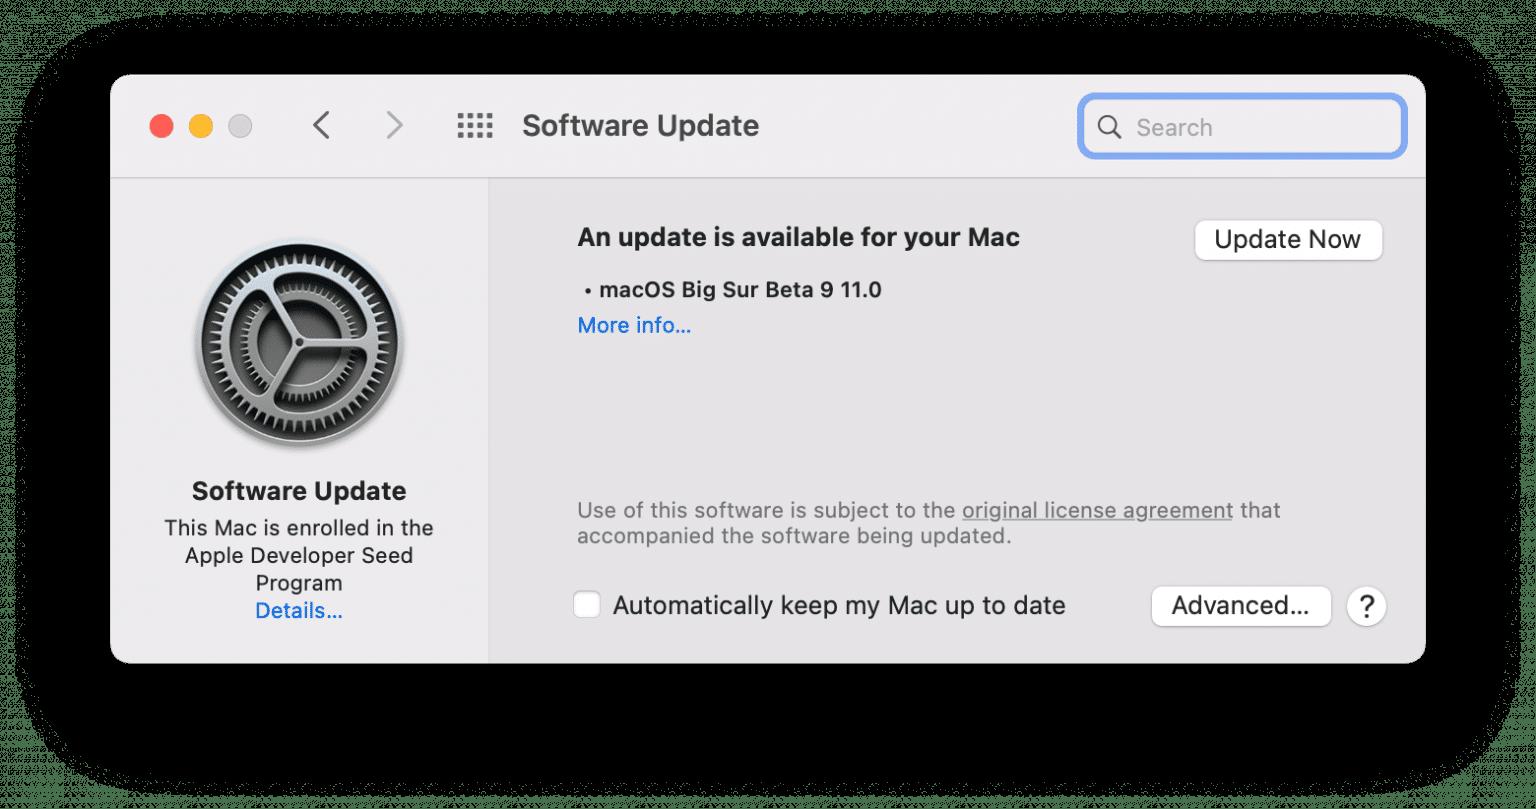 macOS software update window